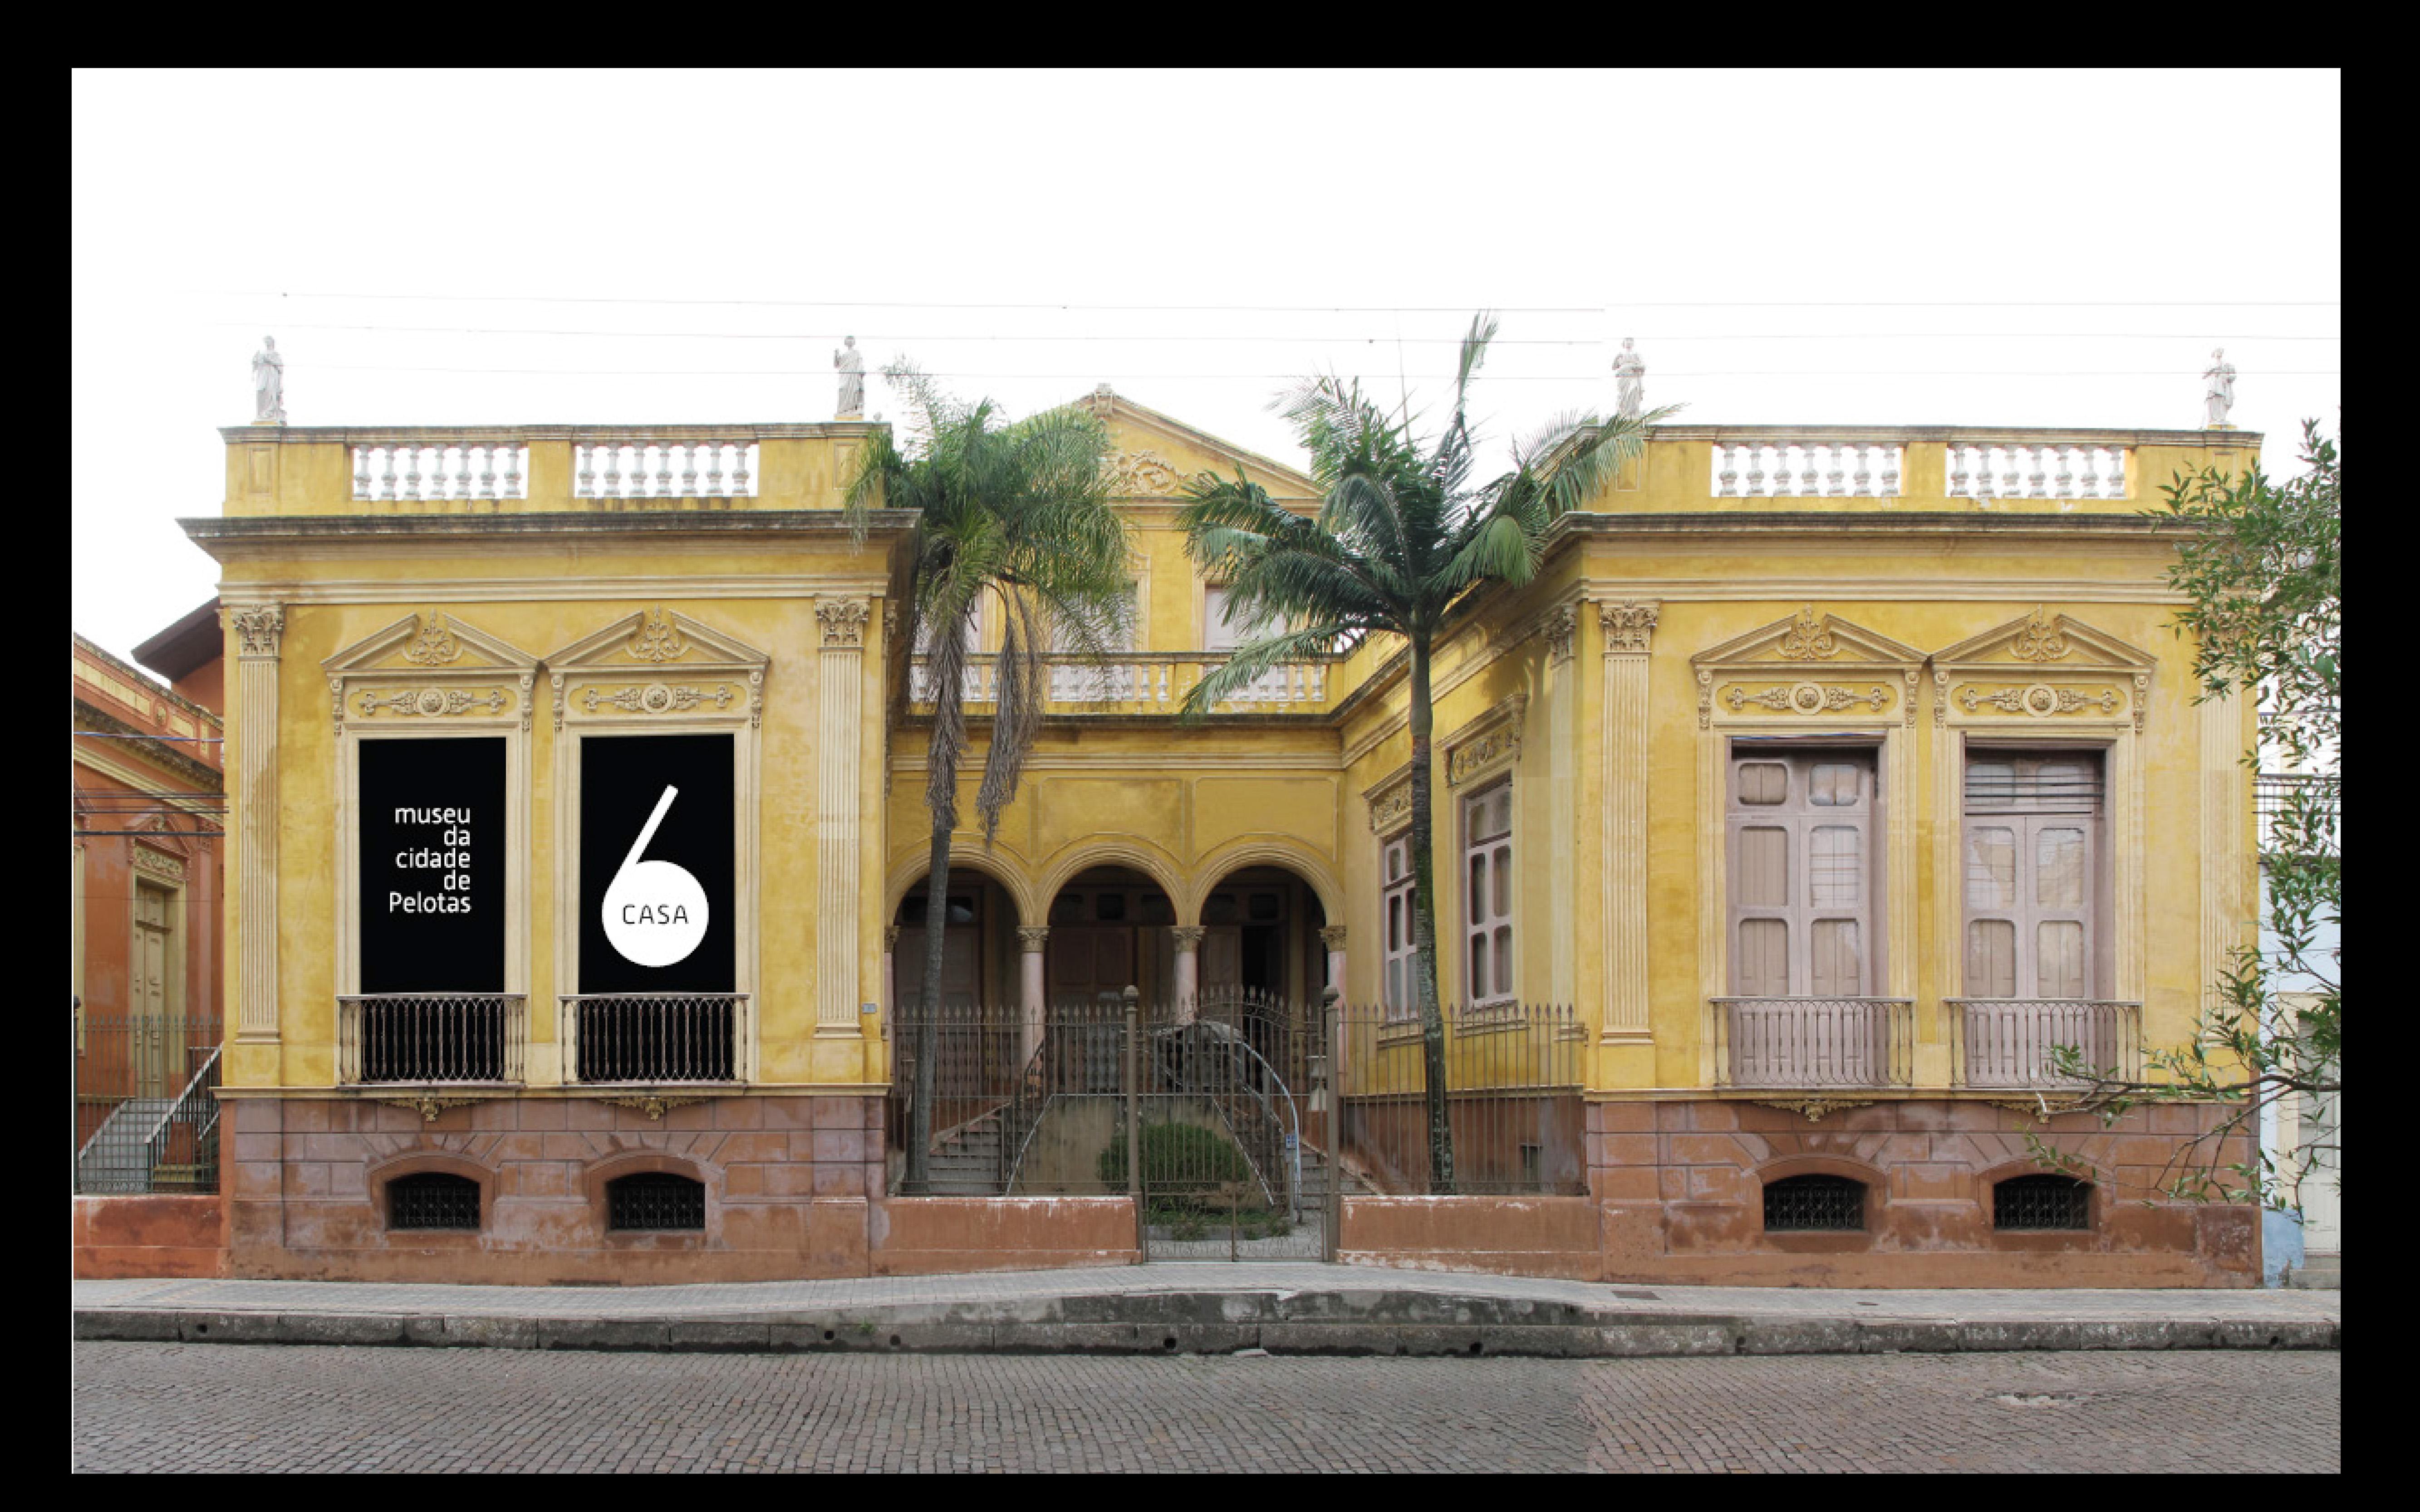 Museu da Cidade de Pelotas